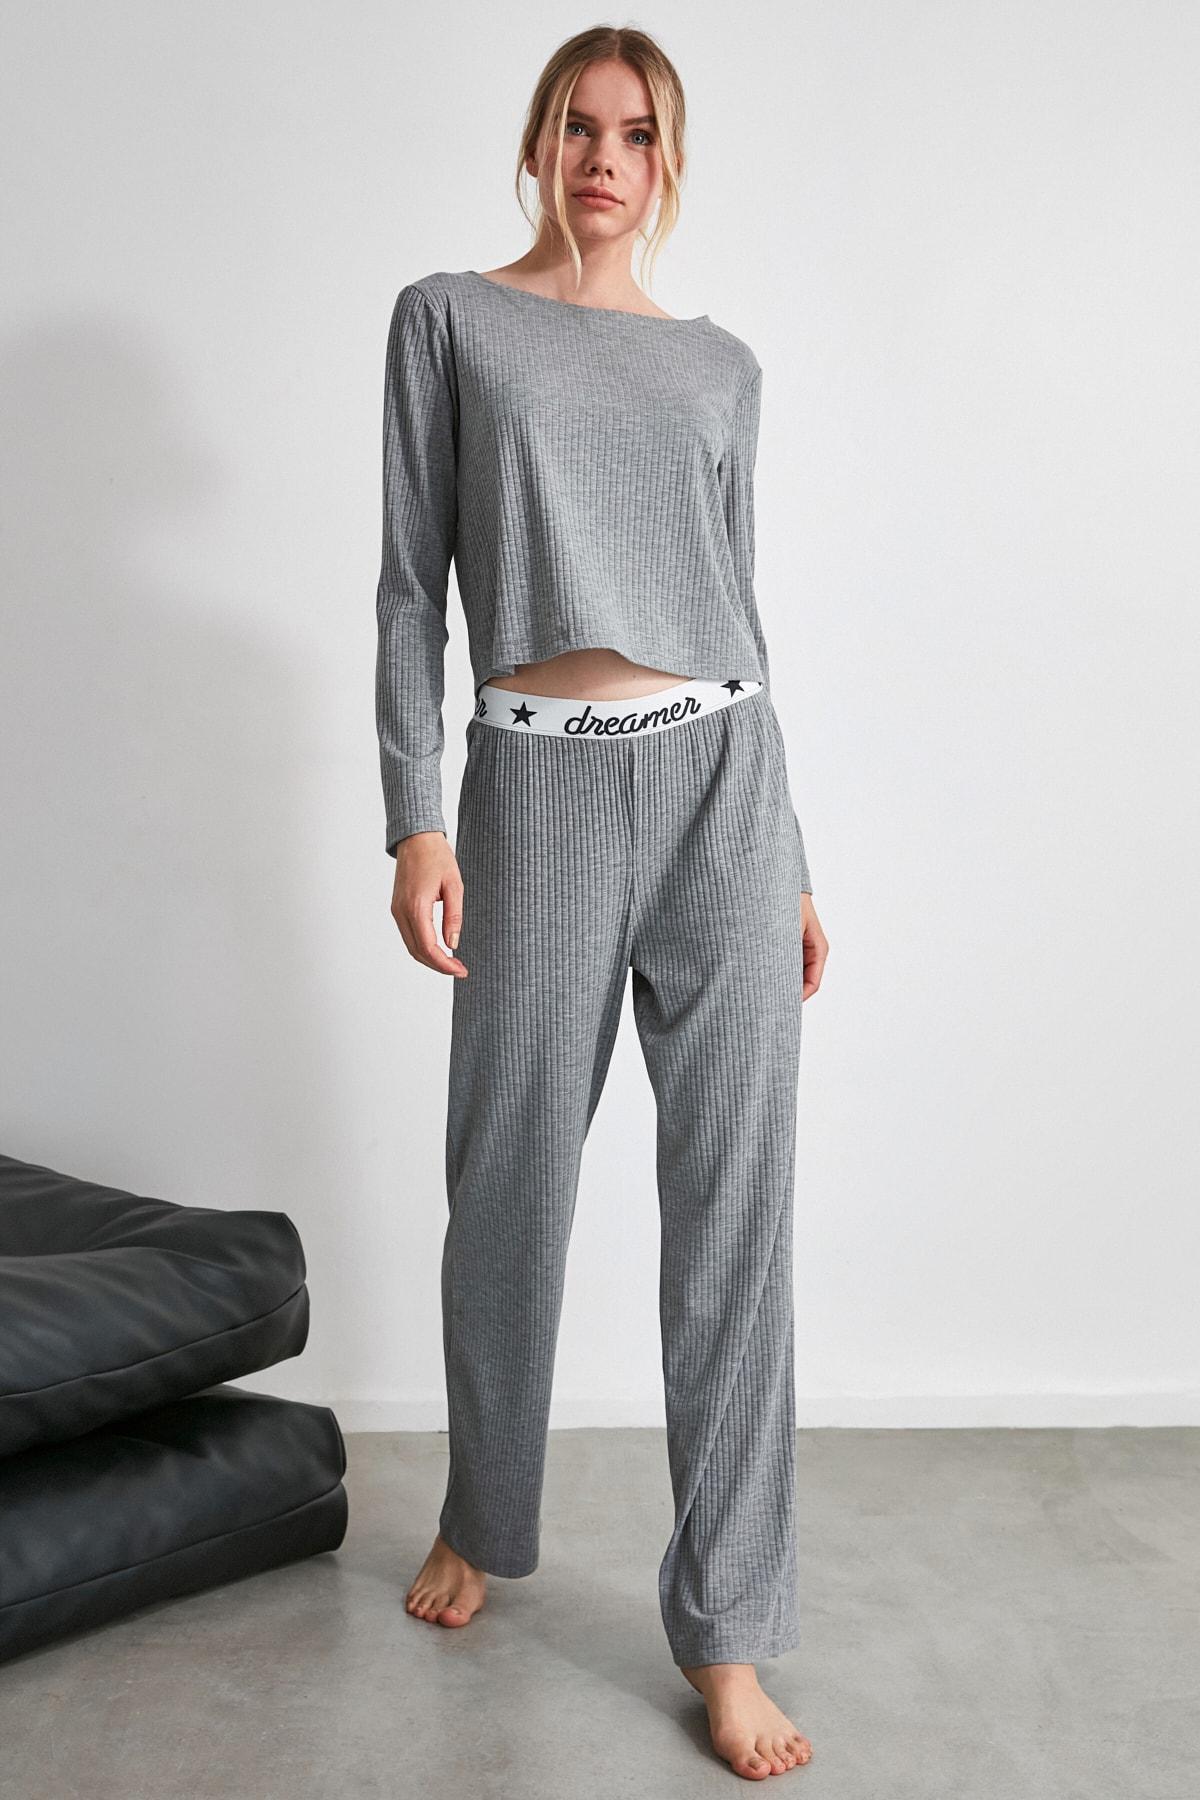 TRENDYOLMİLLA Gri Lastik Detaylı Örme Pijama Takımı THMAW21PT0269 2